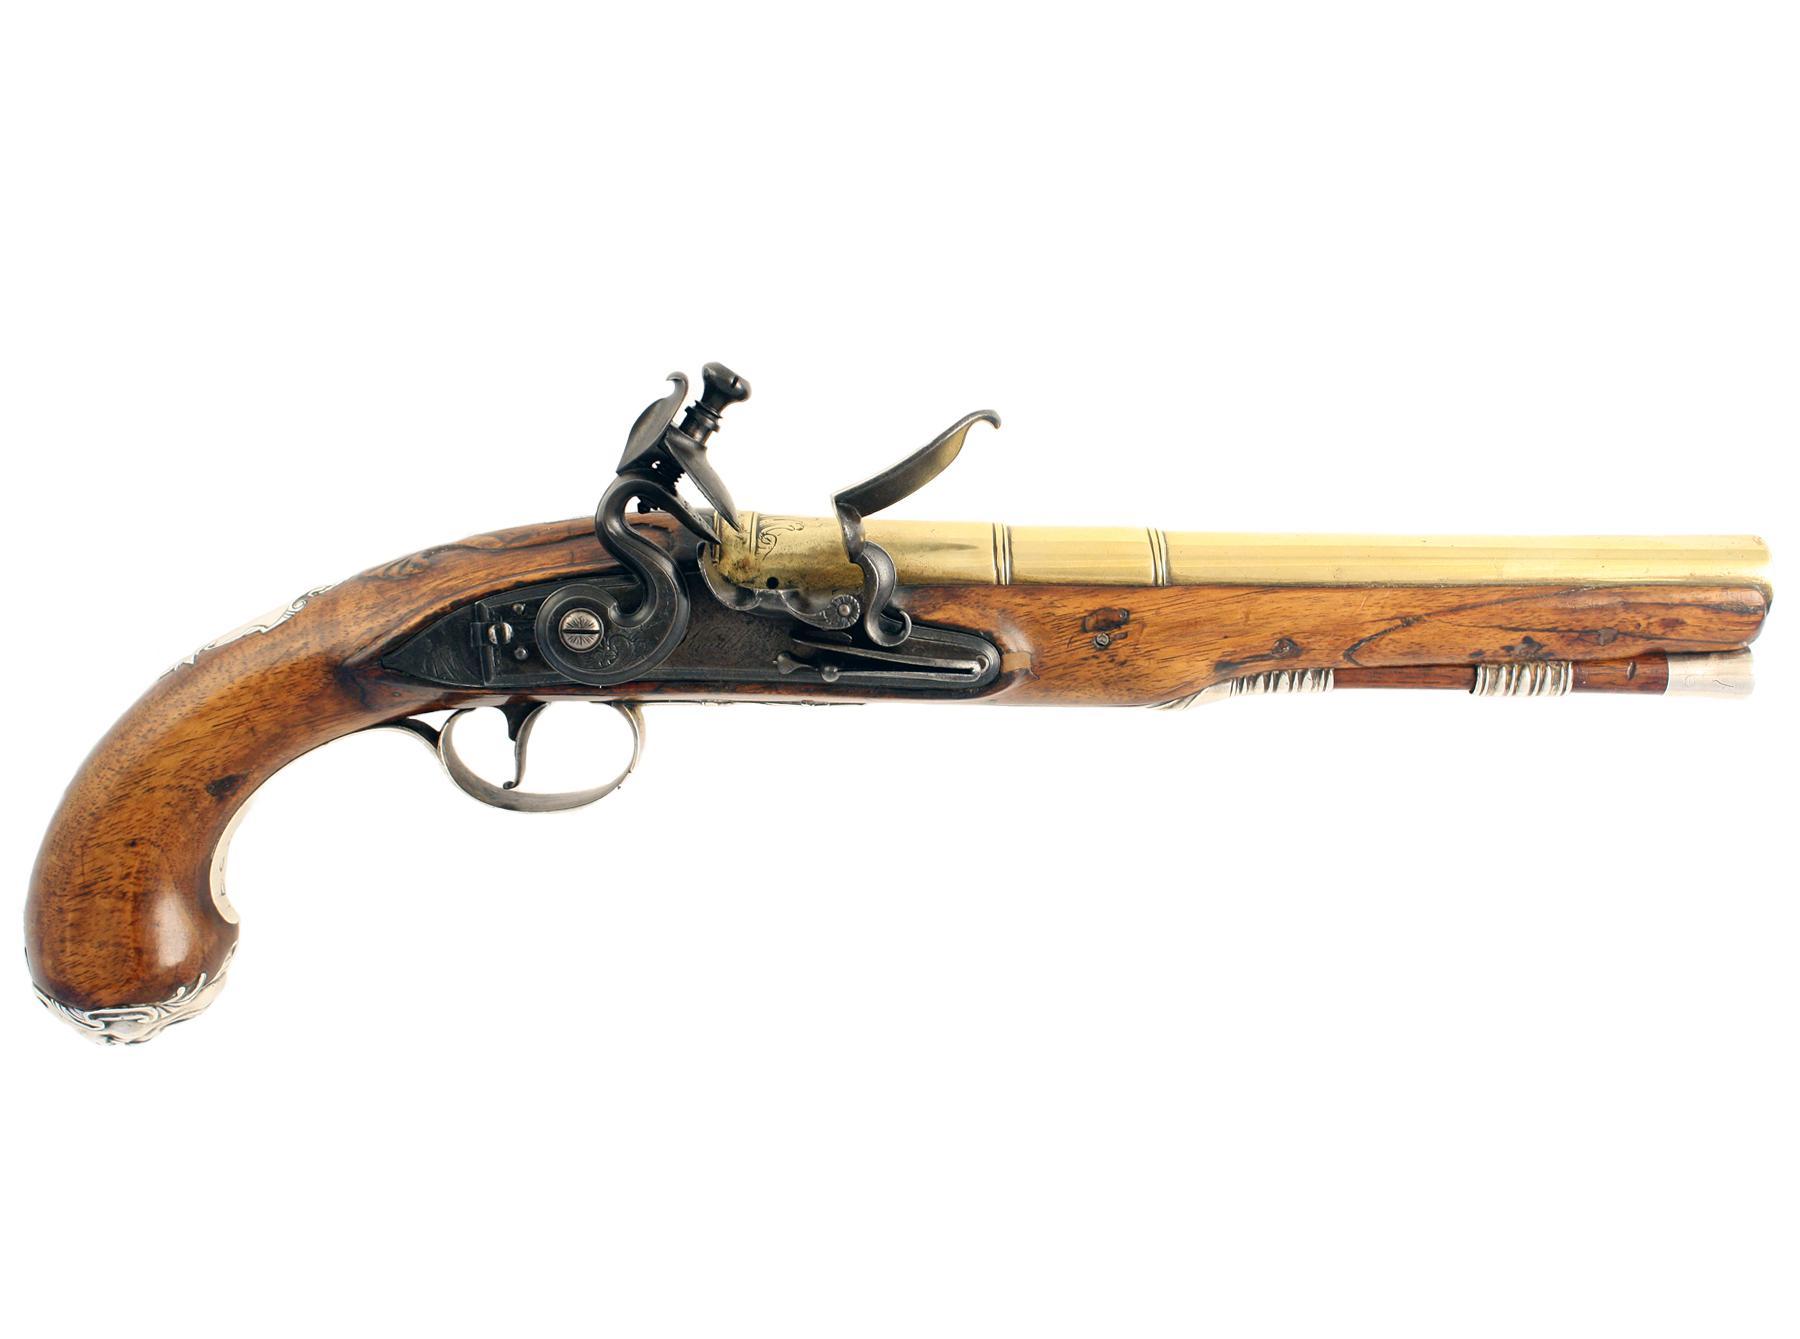 A Fine Silver Mounted Pistol